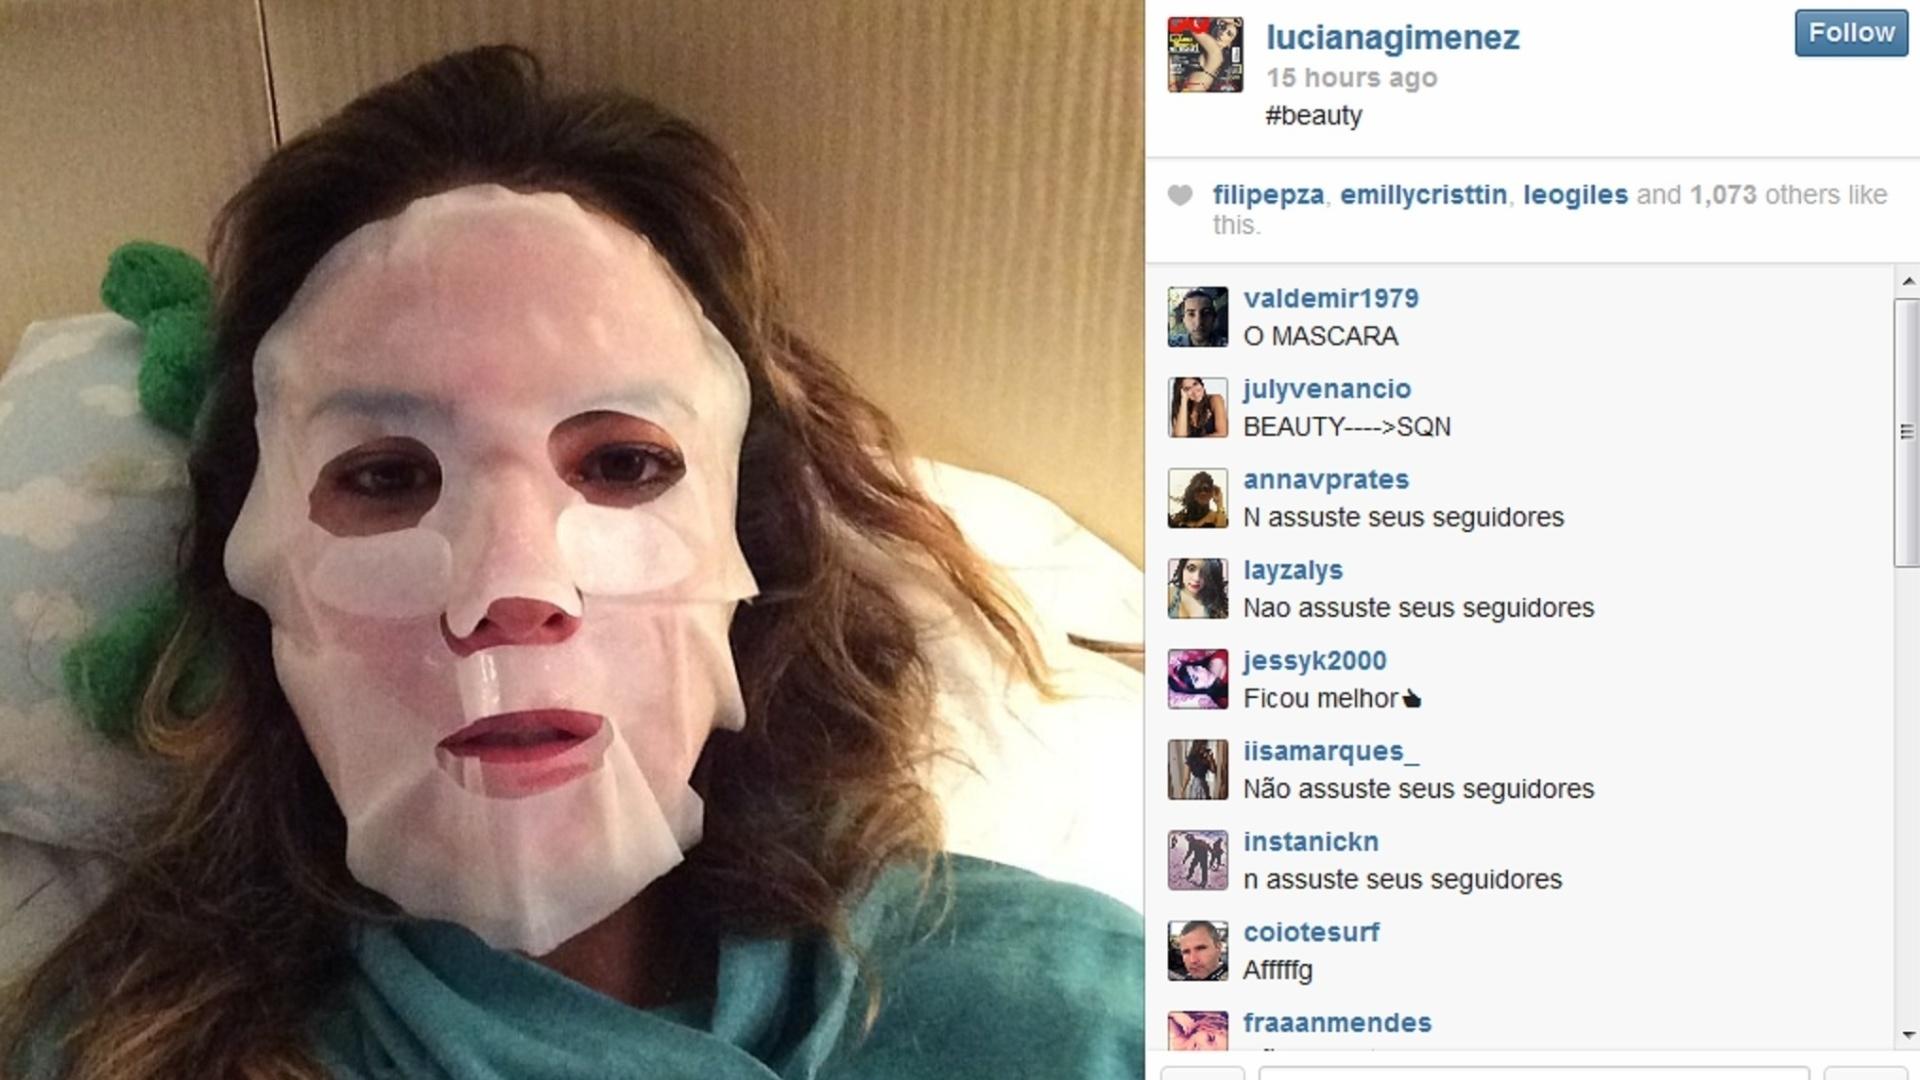 02.mar.2014 - Luciana Gimenez assusta internautas com máscara de beleza. A apresentadora, que está de férias em Hong Kong, compartilhou uma foto usando o acessório antes de dormir, na noite deste sábado (1), e virou alvo de piadas entre os seus seguidores no Instagram. Vários internautas disseram ter levado susto com a imagem de Luciana